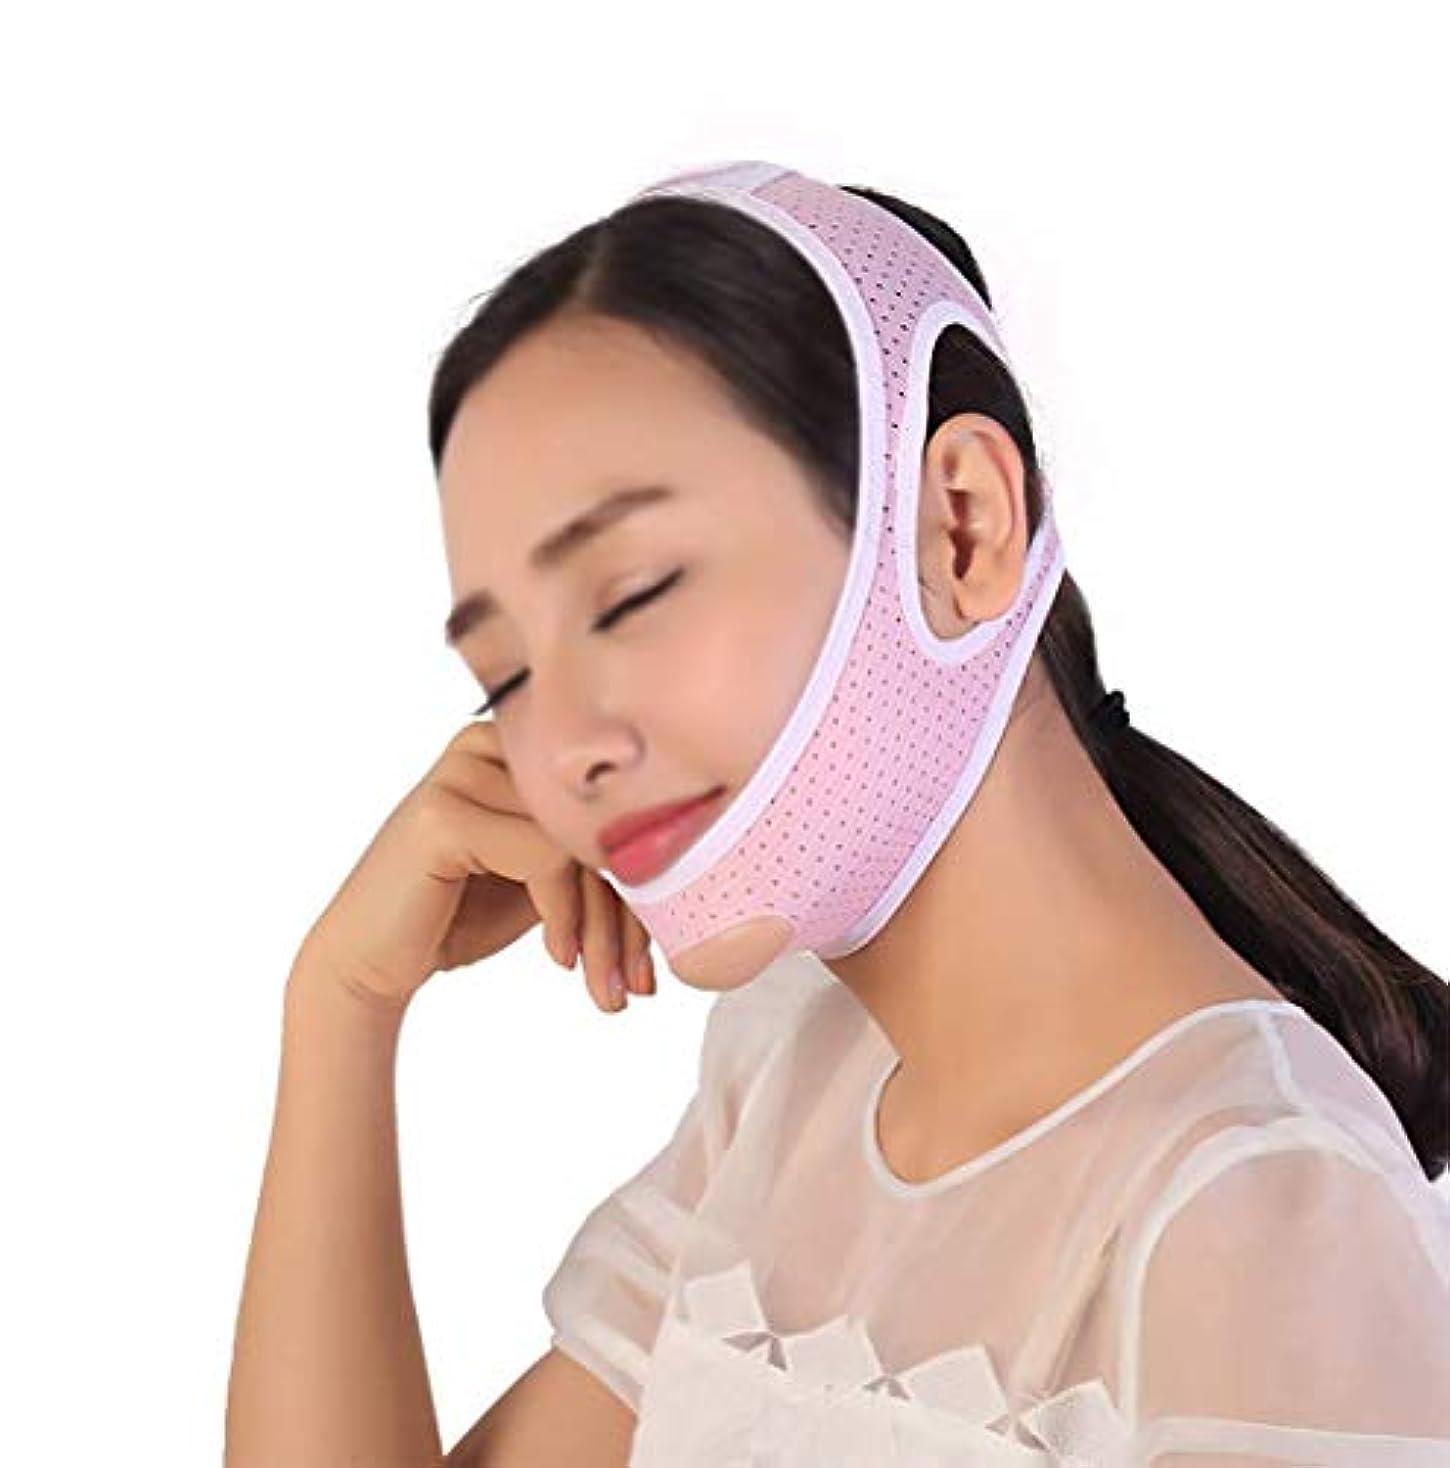 リーフレットマニュアルチョークフェイスリフトフェイシャル、肌のリラクゼーションを防ぐタイトなVフェイスマスクVフェイスアーティファクトフェイスリフトバンデージフェイスケア(サイズ:L)